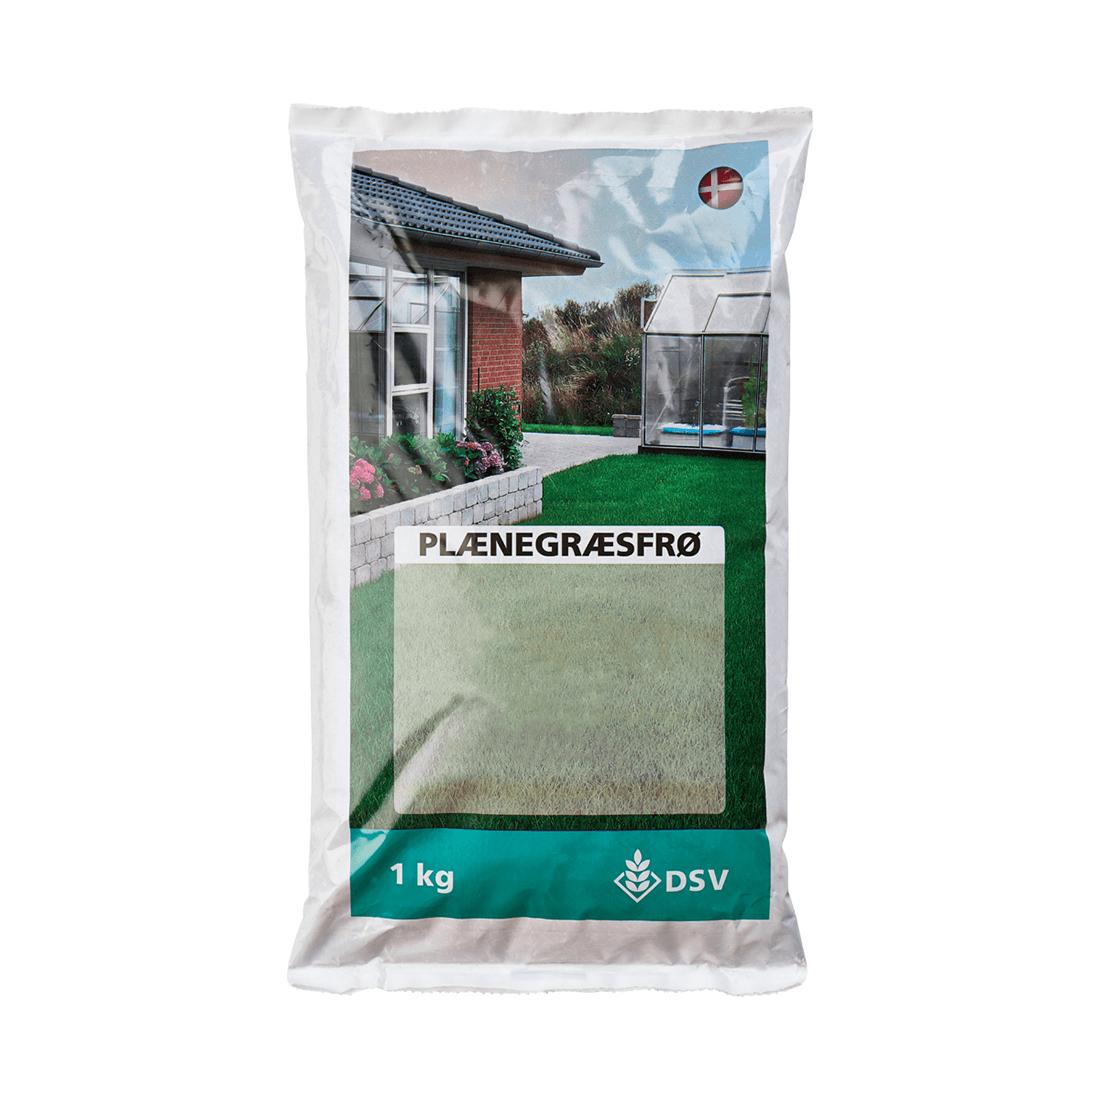 Græsfrø - Nøjsom blanding, 1 kg